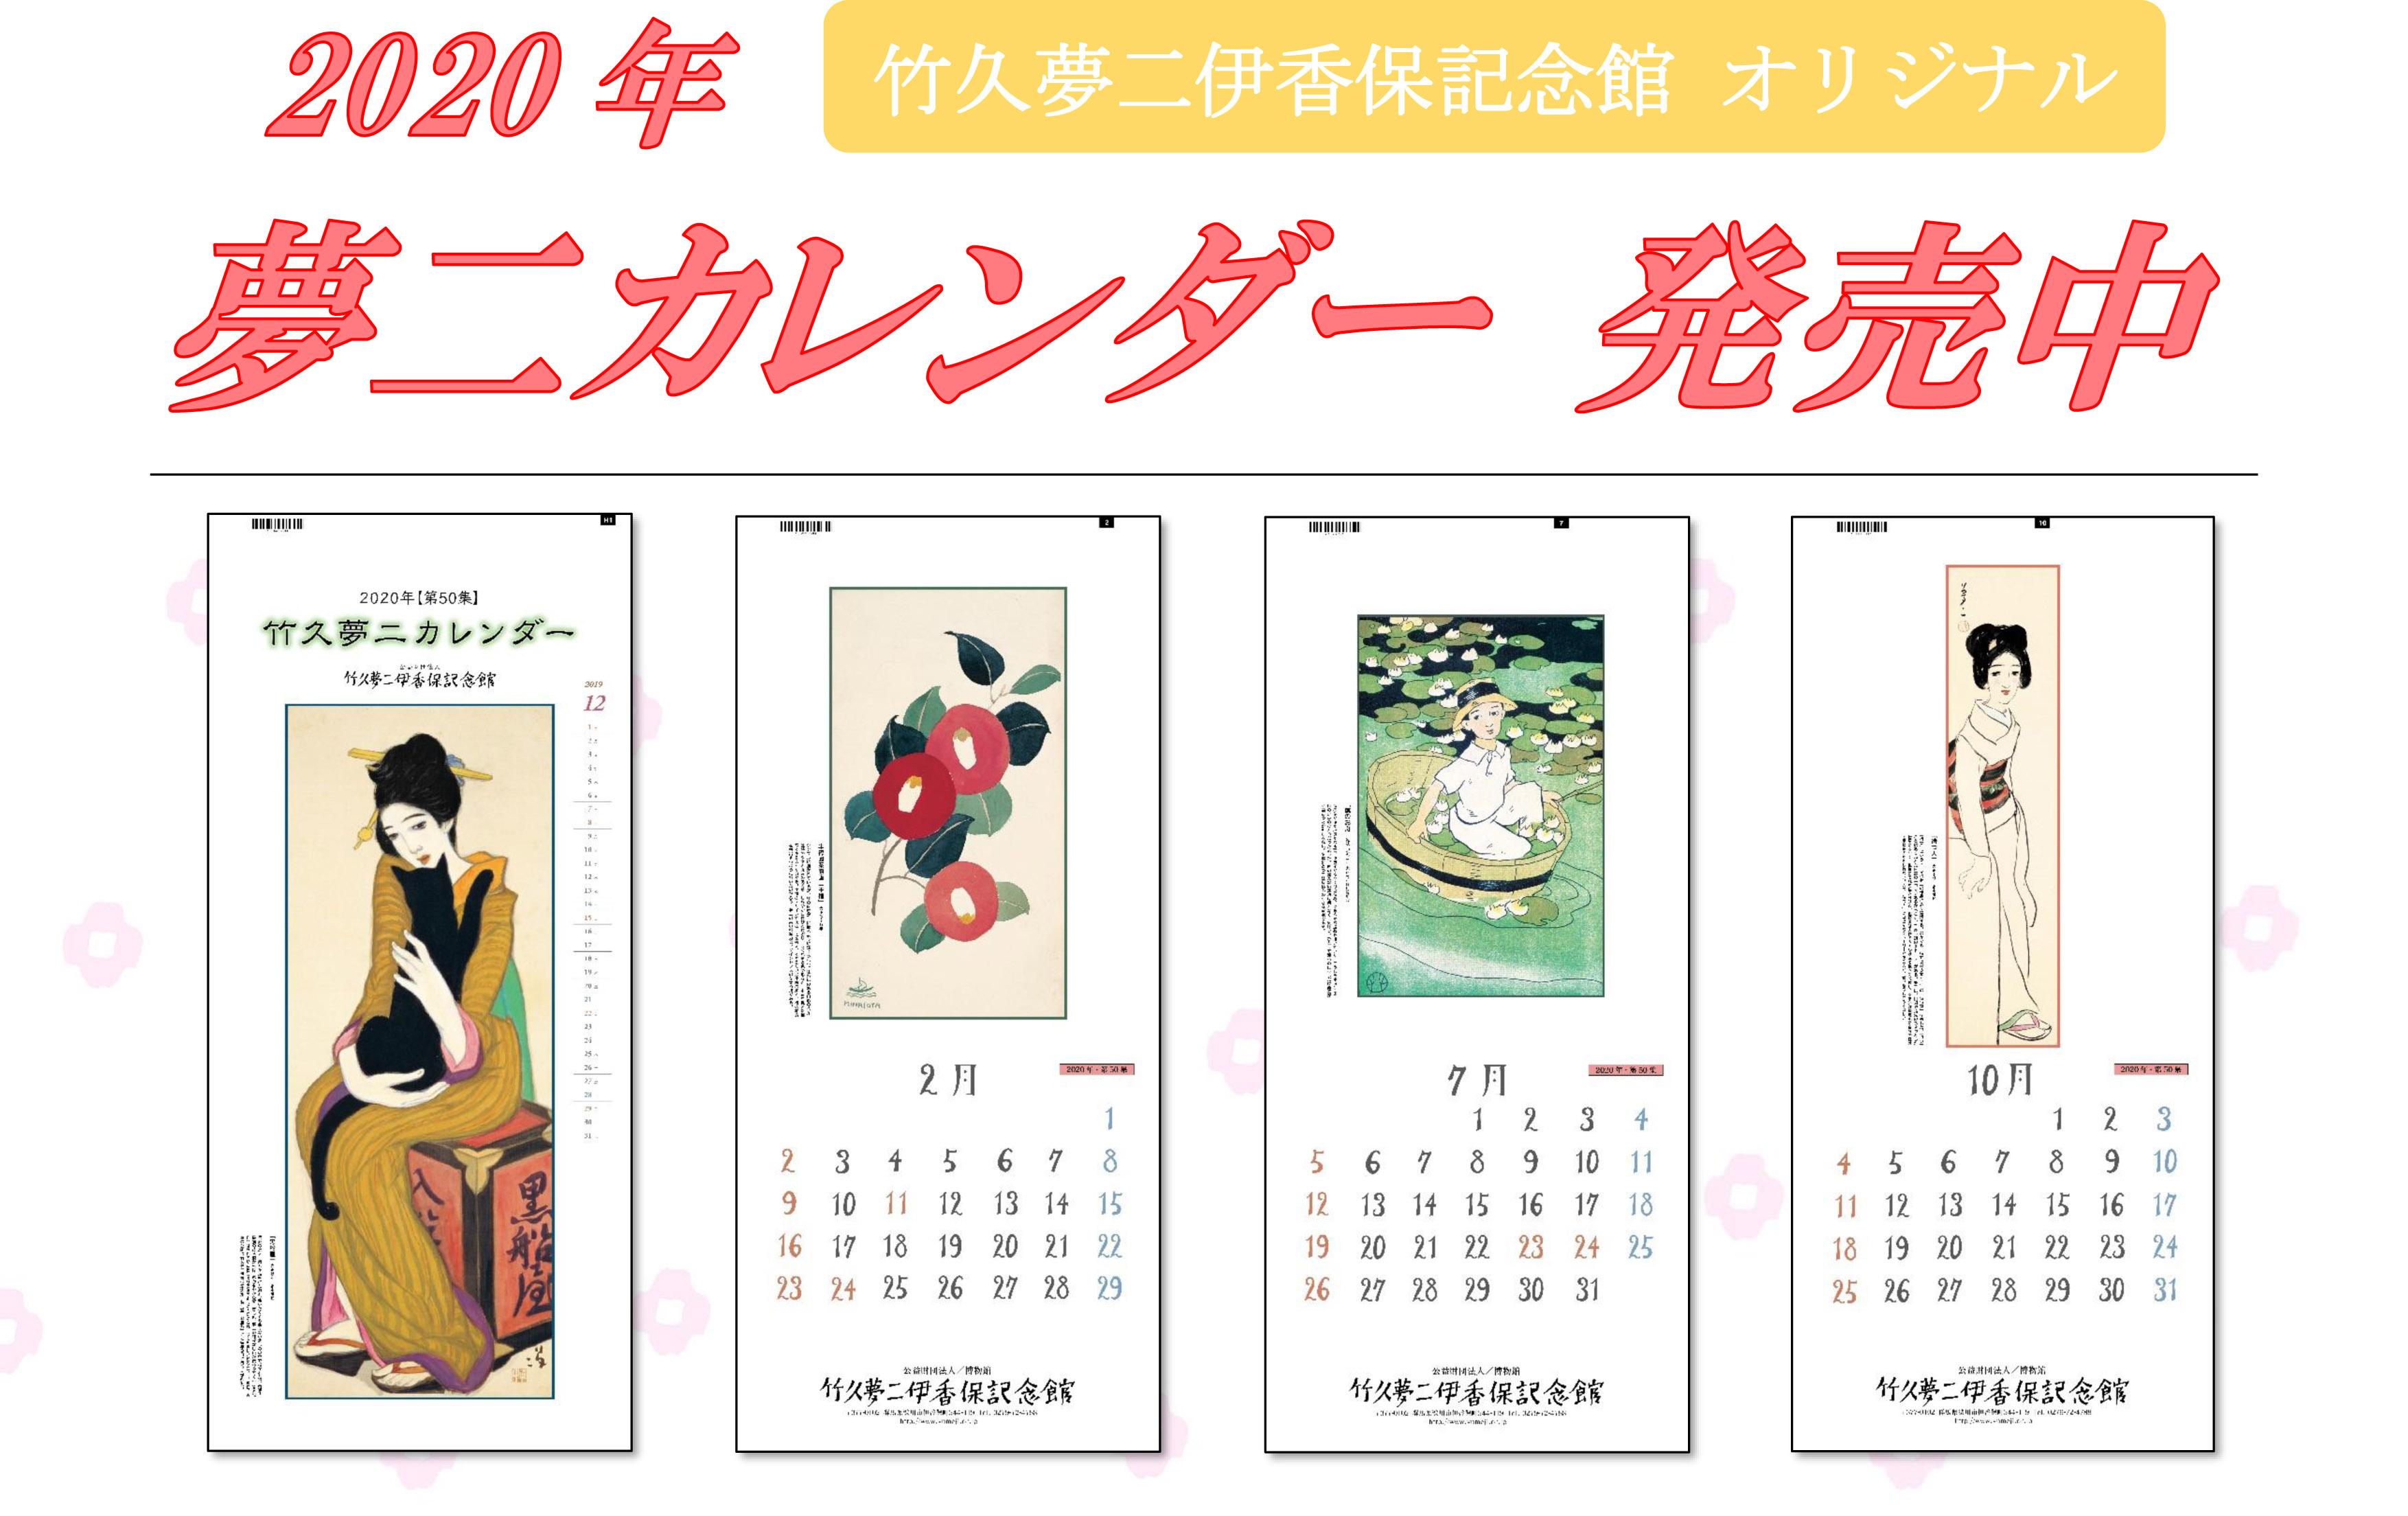 2020年竹久夢二カレンダー(壁掛けタイプ)